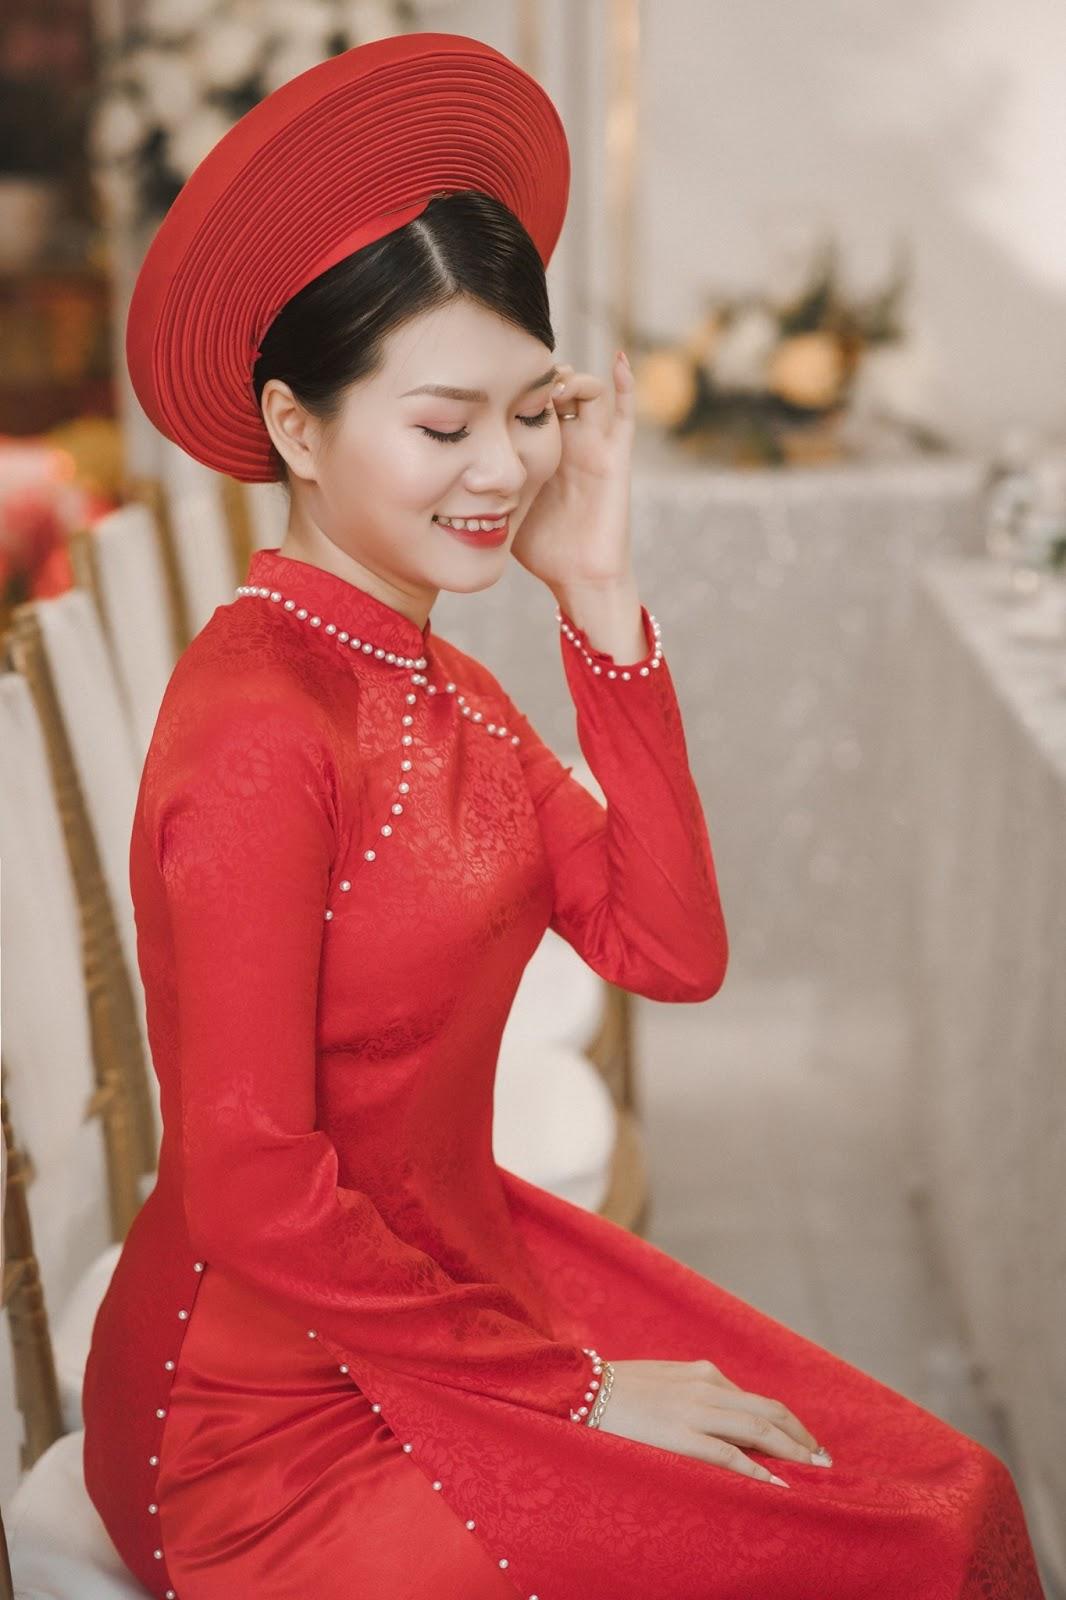 Mẫu áo dài truyền thống luôn mang đến cho cô dâu nét sang trọng cuốn hút